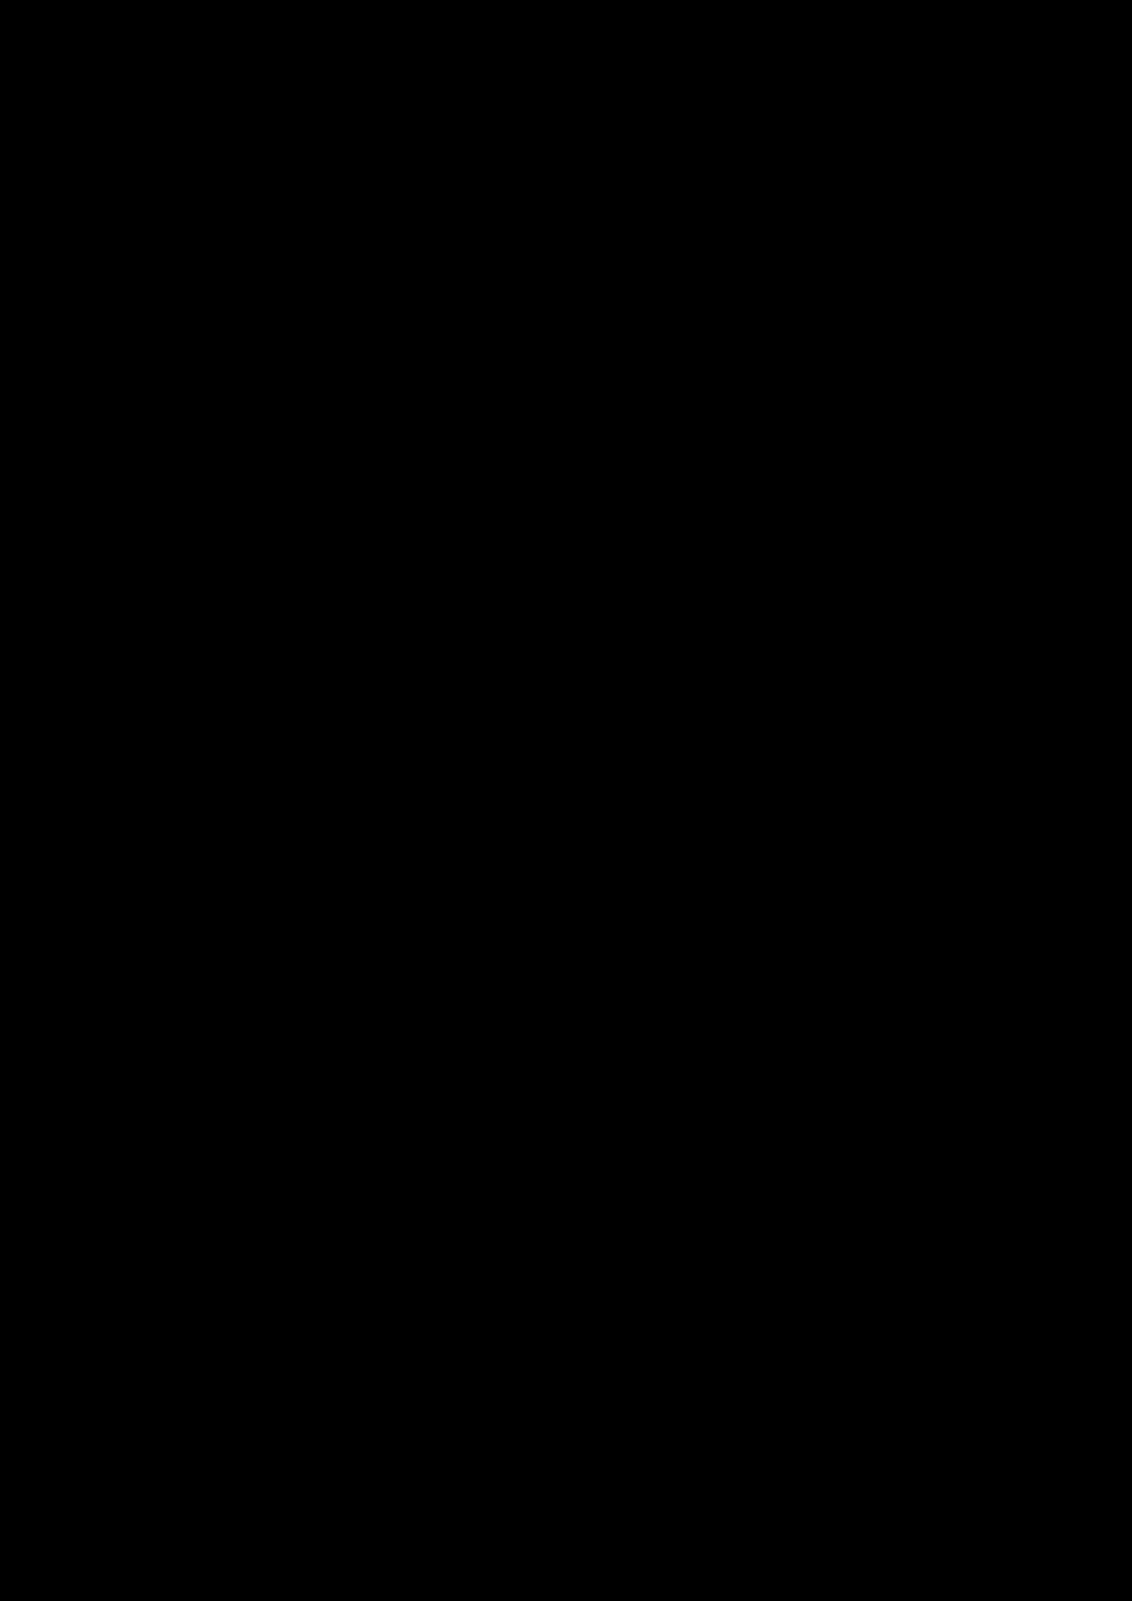 Zagadka volshebnoy stranyi slide, Image 122